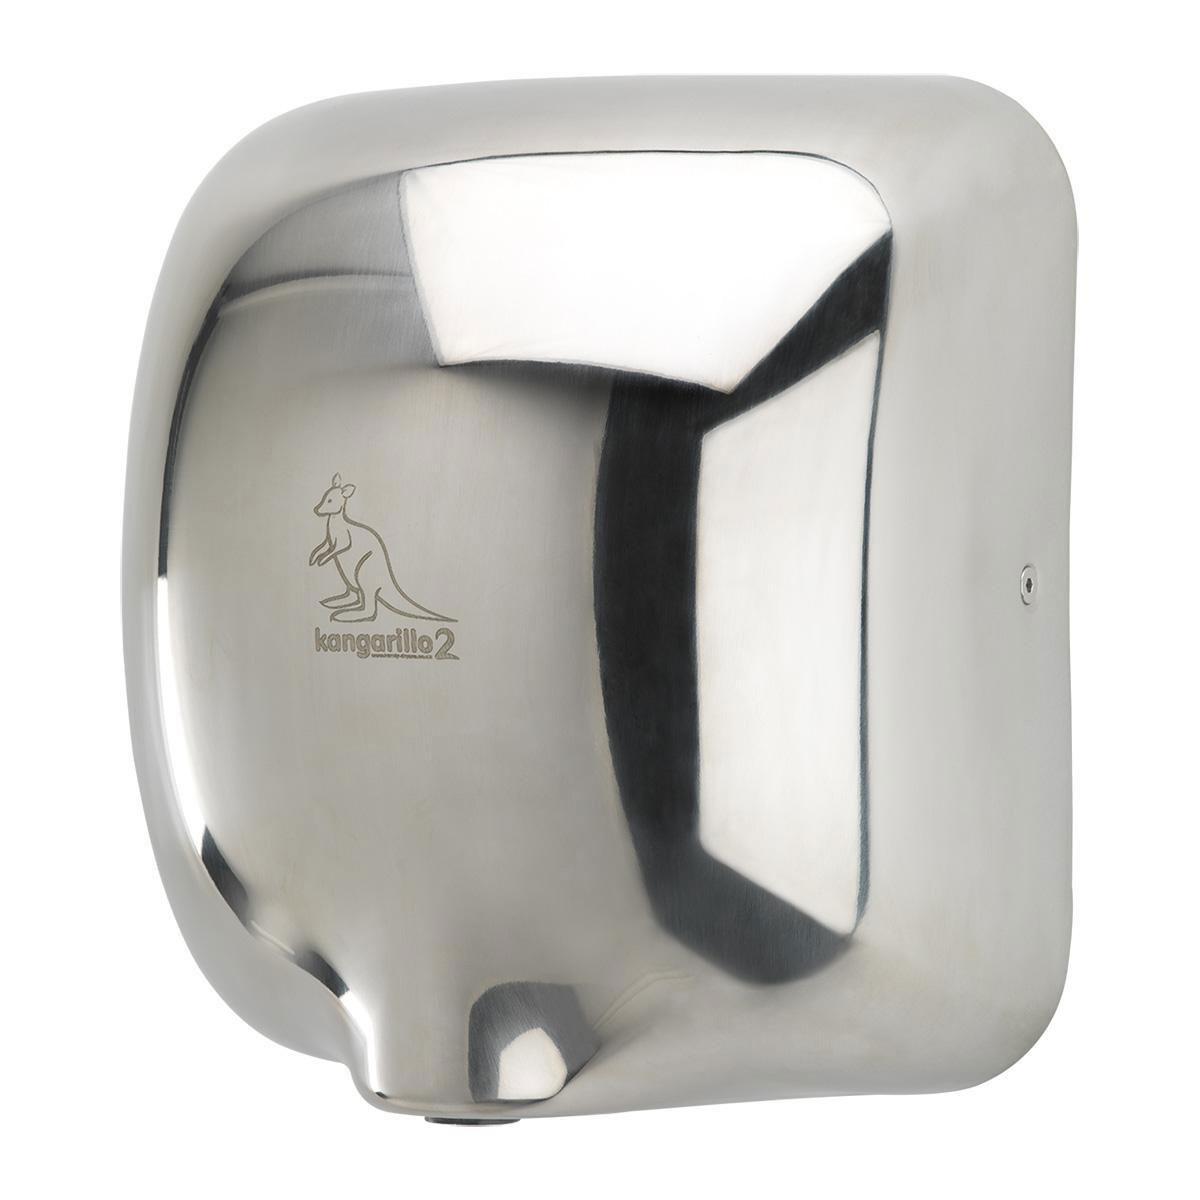 Kangarillo 2 Hand Dryer